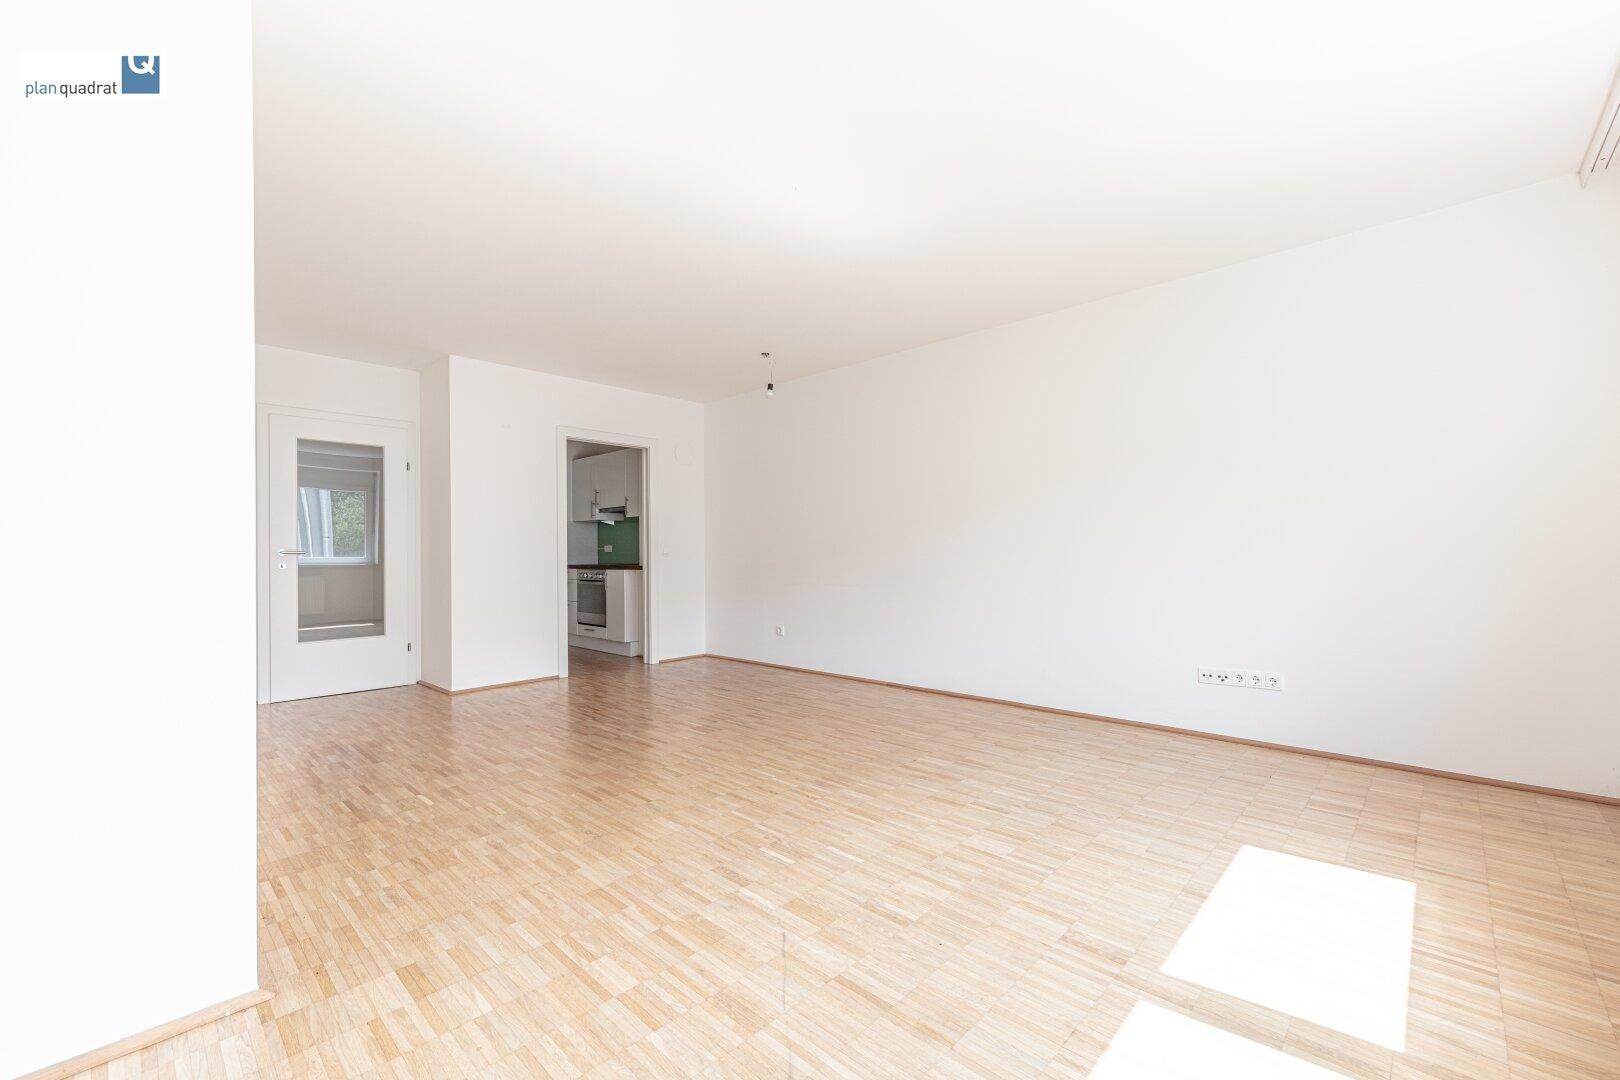 Wohn- / Esszimmer (ca. 26,60 m²) mit Zugang zur Küche und dum Vorraum